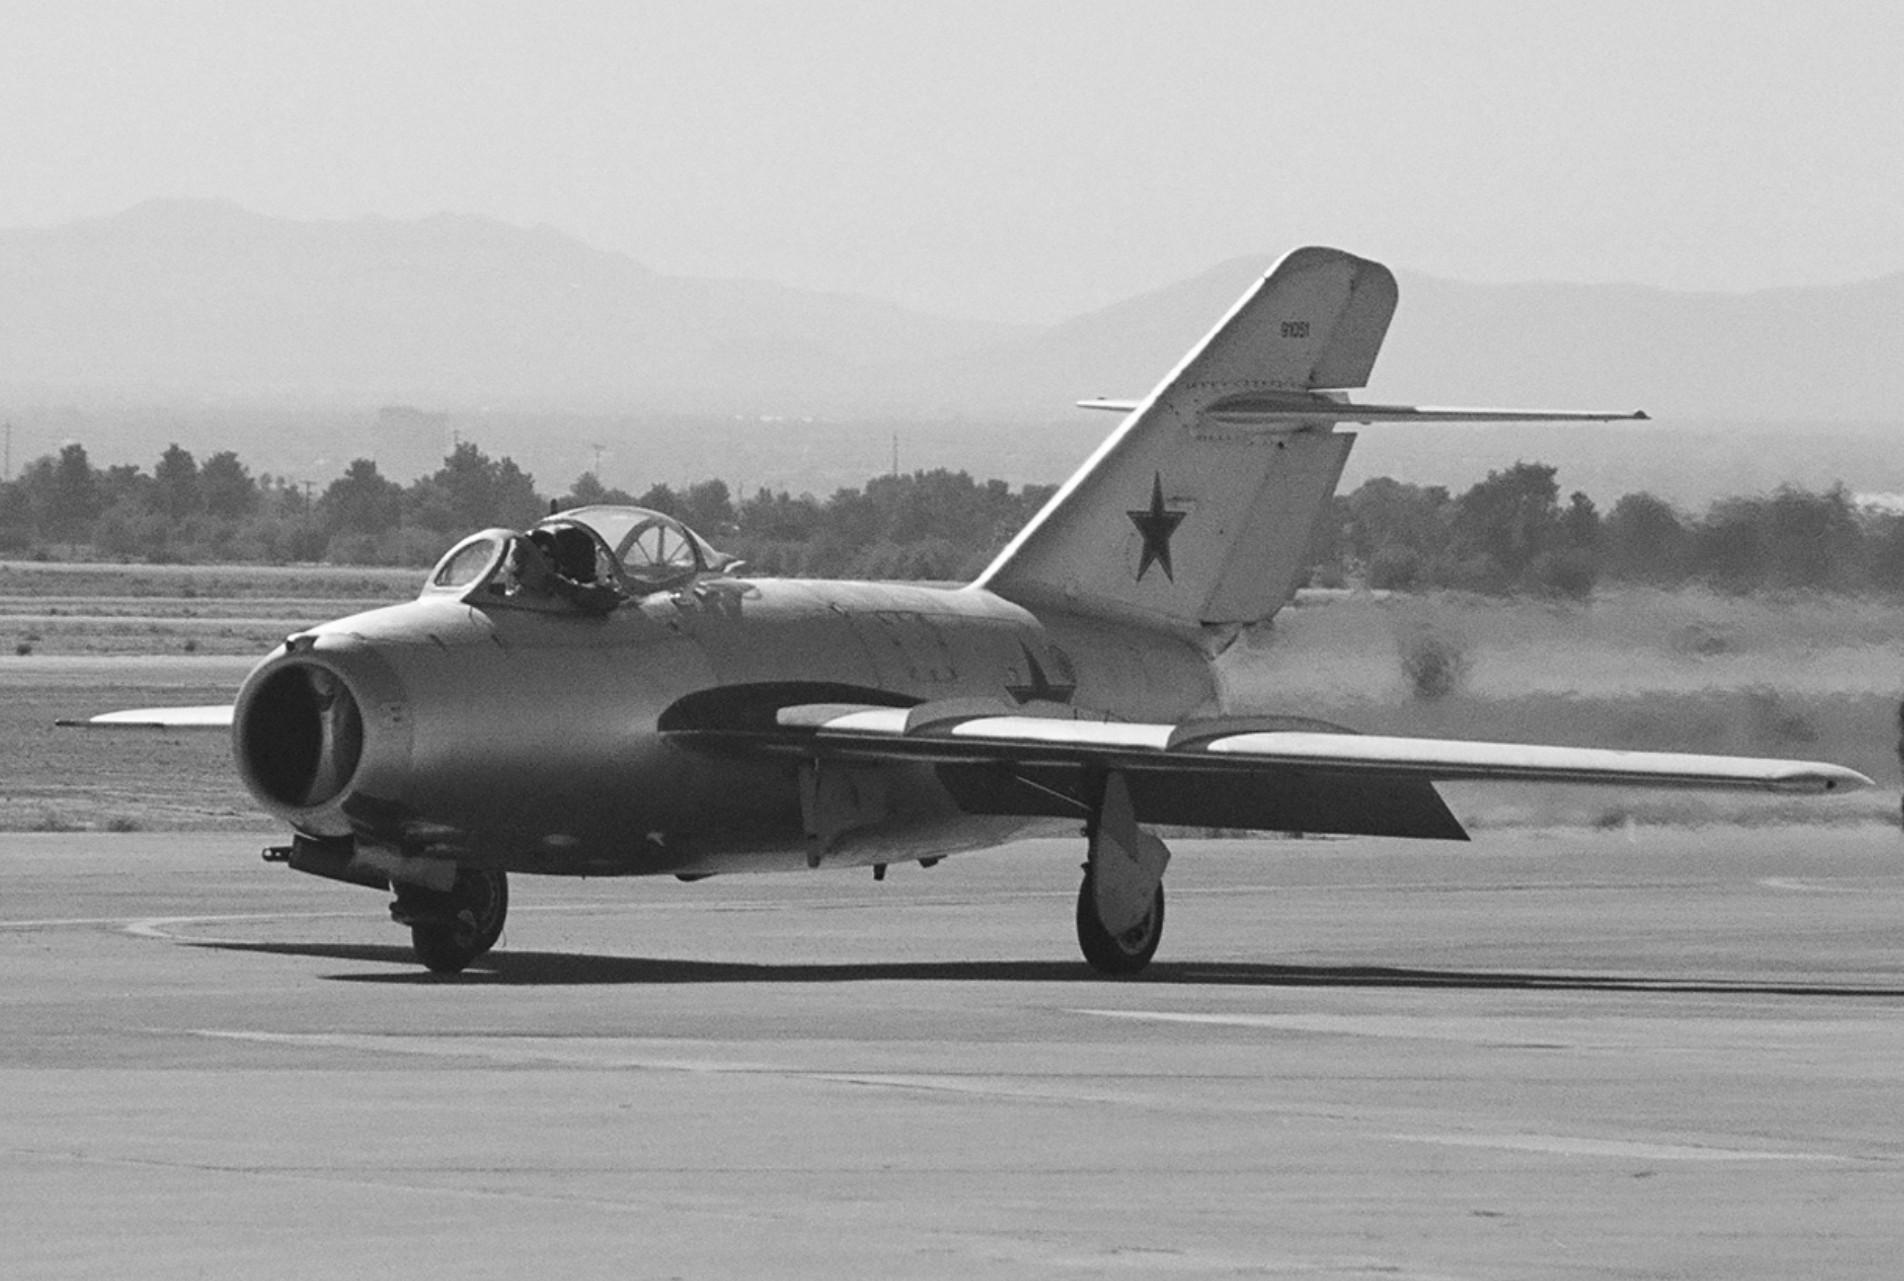 mig_15_photo.jpg Download STL file Mikoyan-Gourevitch MiG-15 • 3D printer model, 3Dmodeling